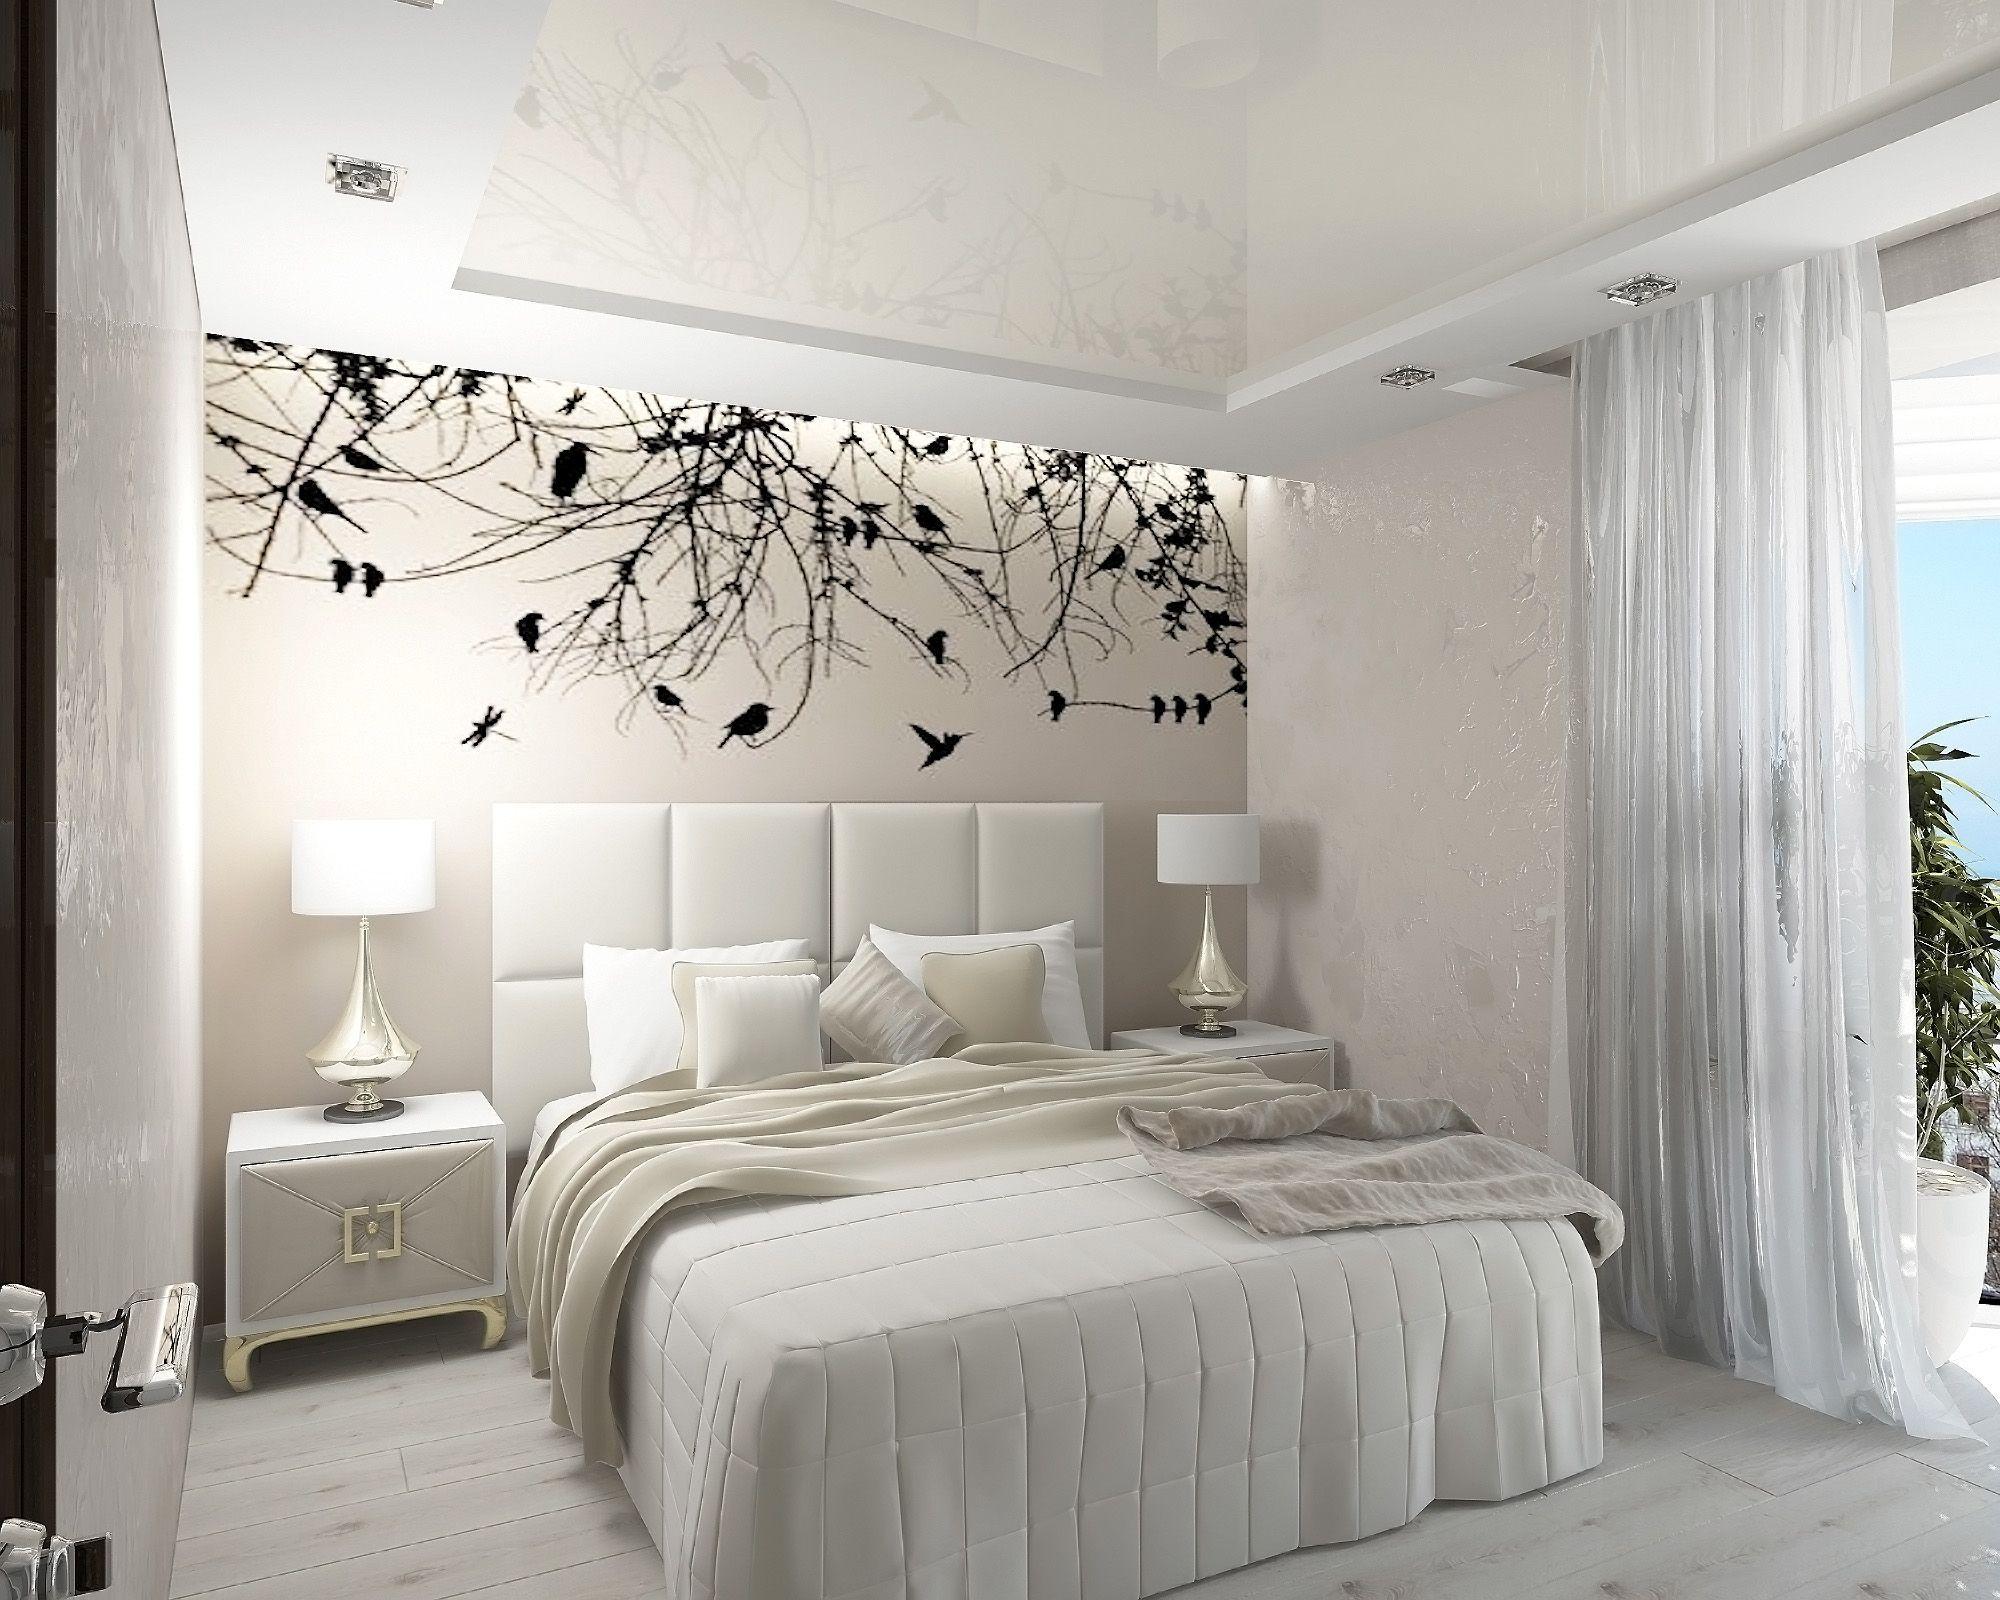 Papier Peint Chambre Moderne Épinglé par sana sur decoration de chanbre en 2020 | deco